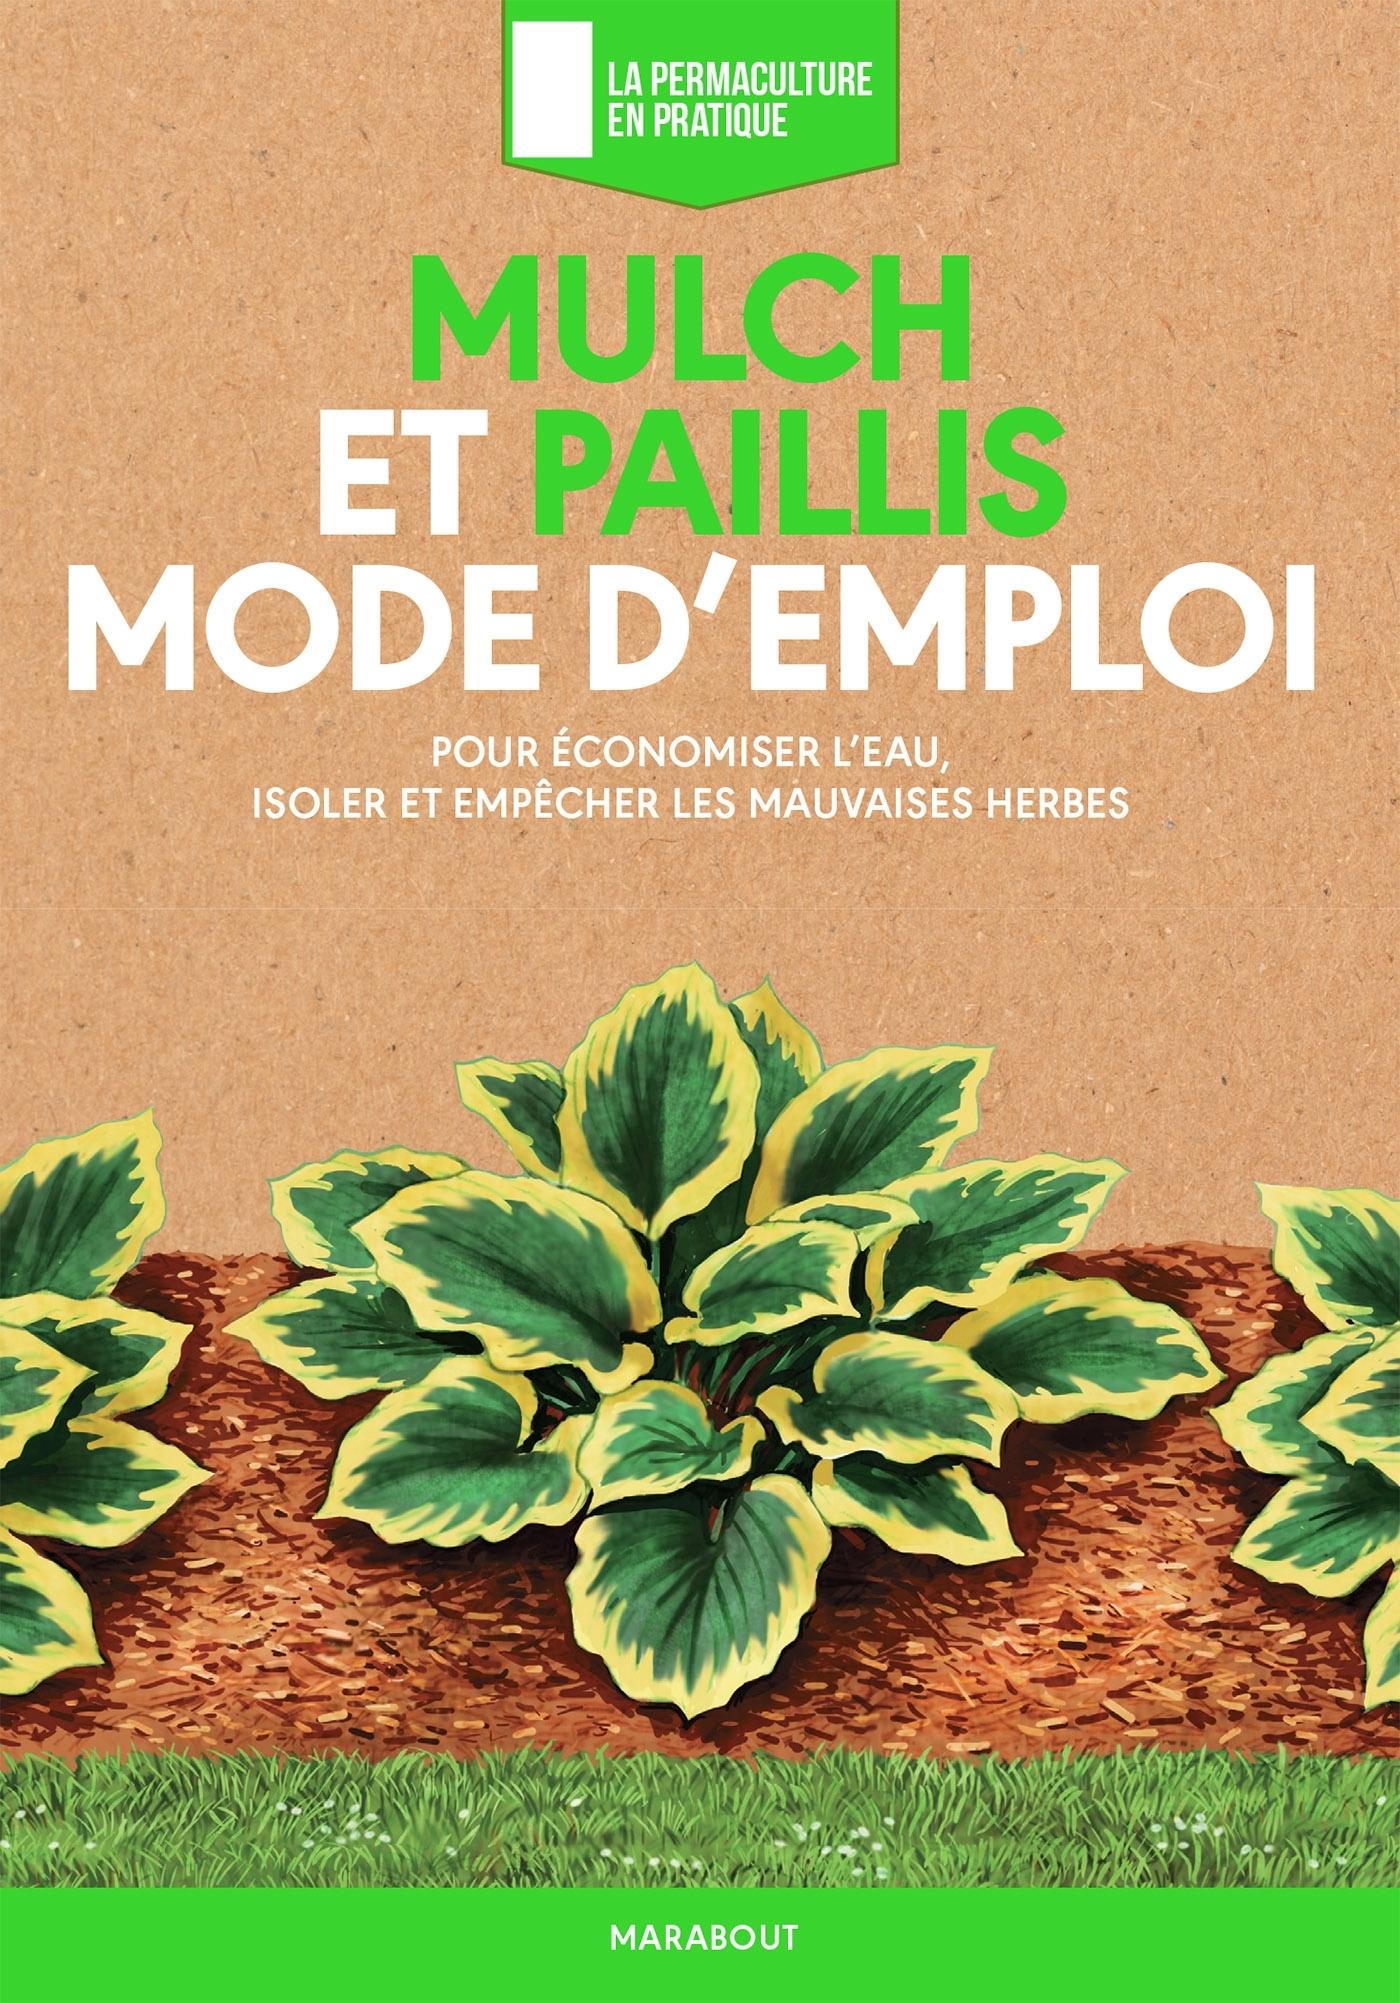 MULCH ET PAILLIS MODE D'EMPLOI